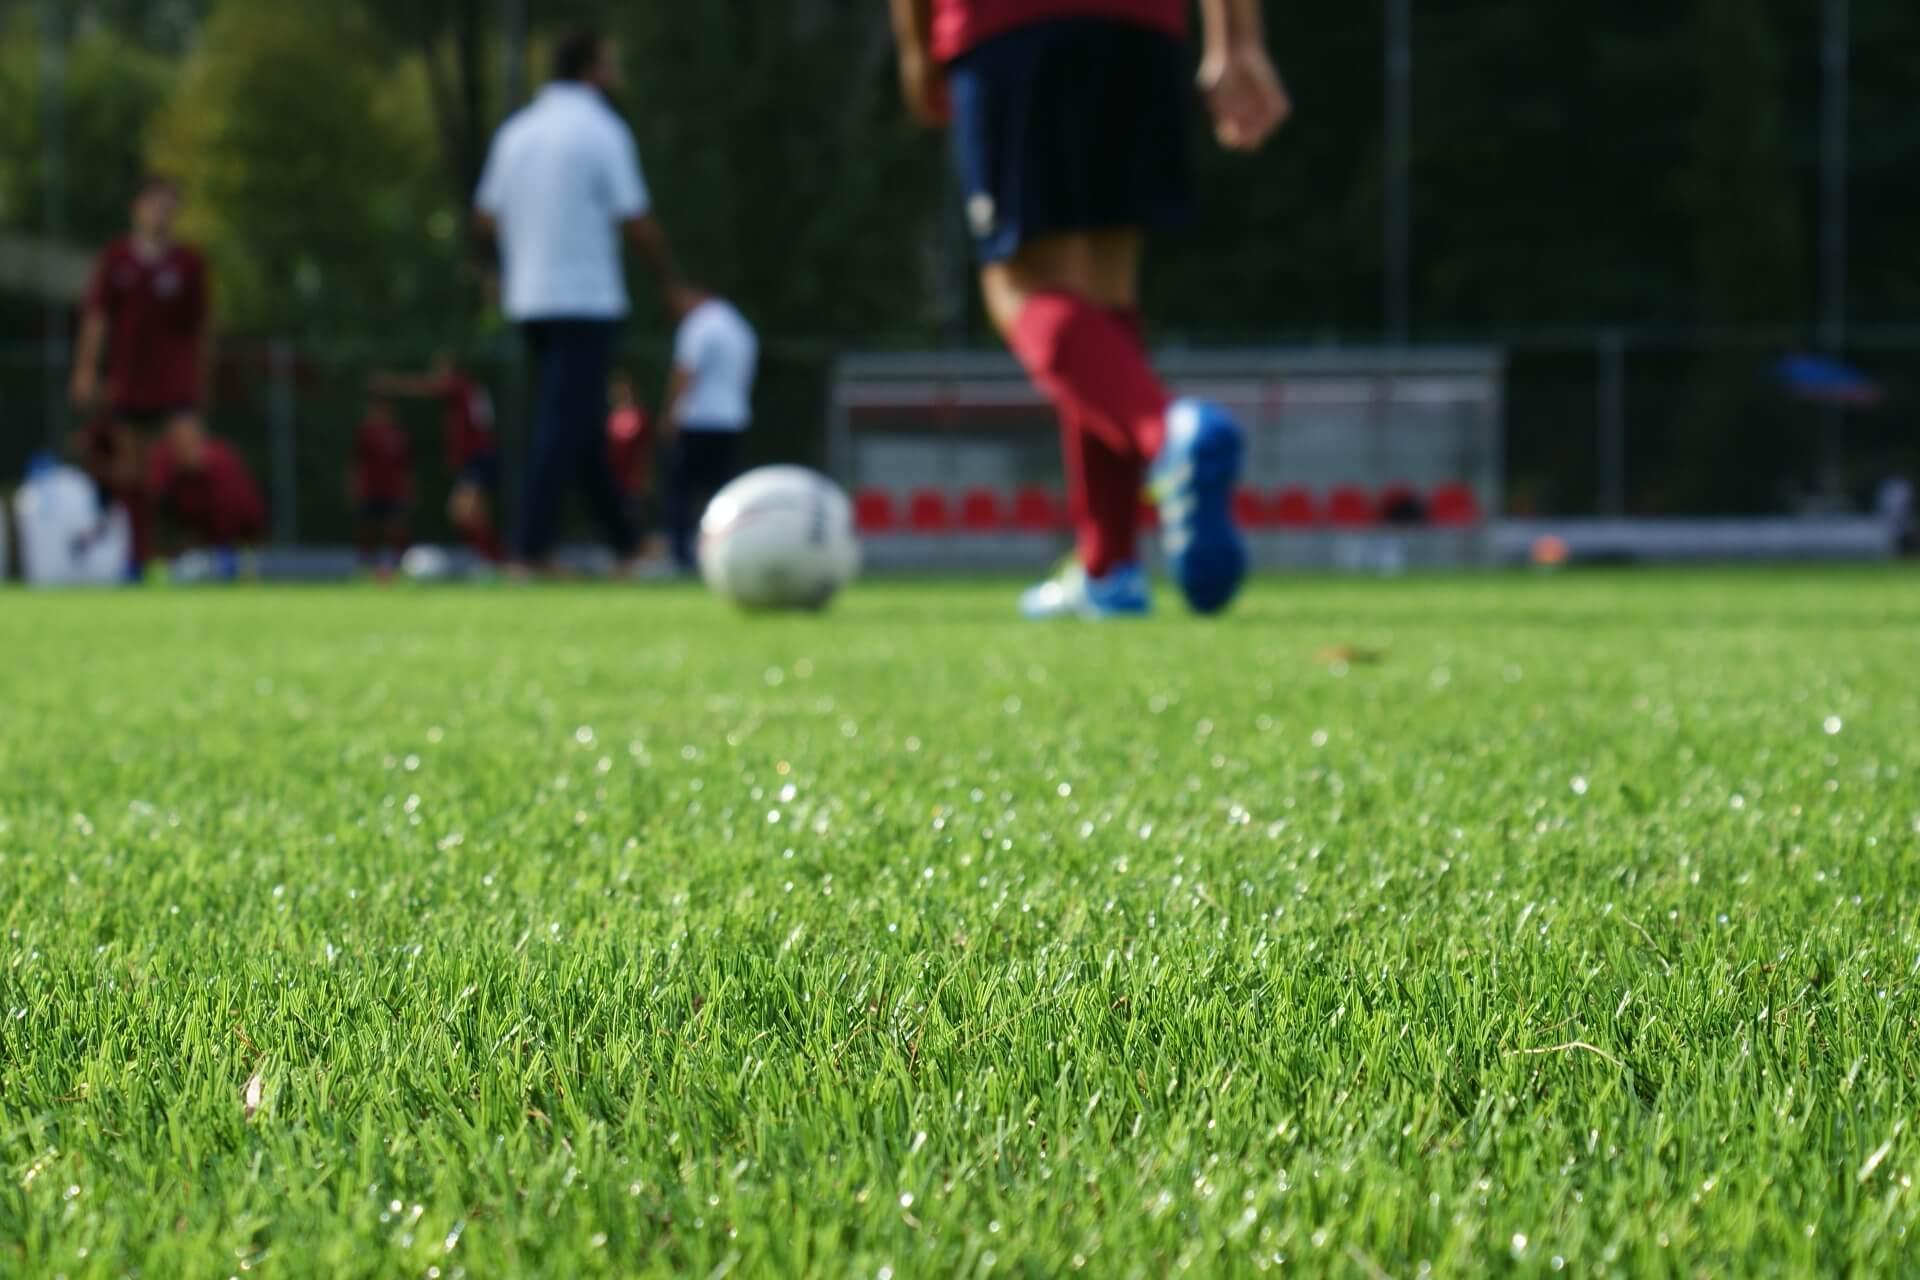 Campo di calcio in erba sintetica paragonabile alle migliori superfici naturali